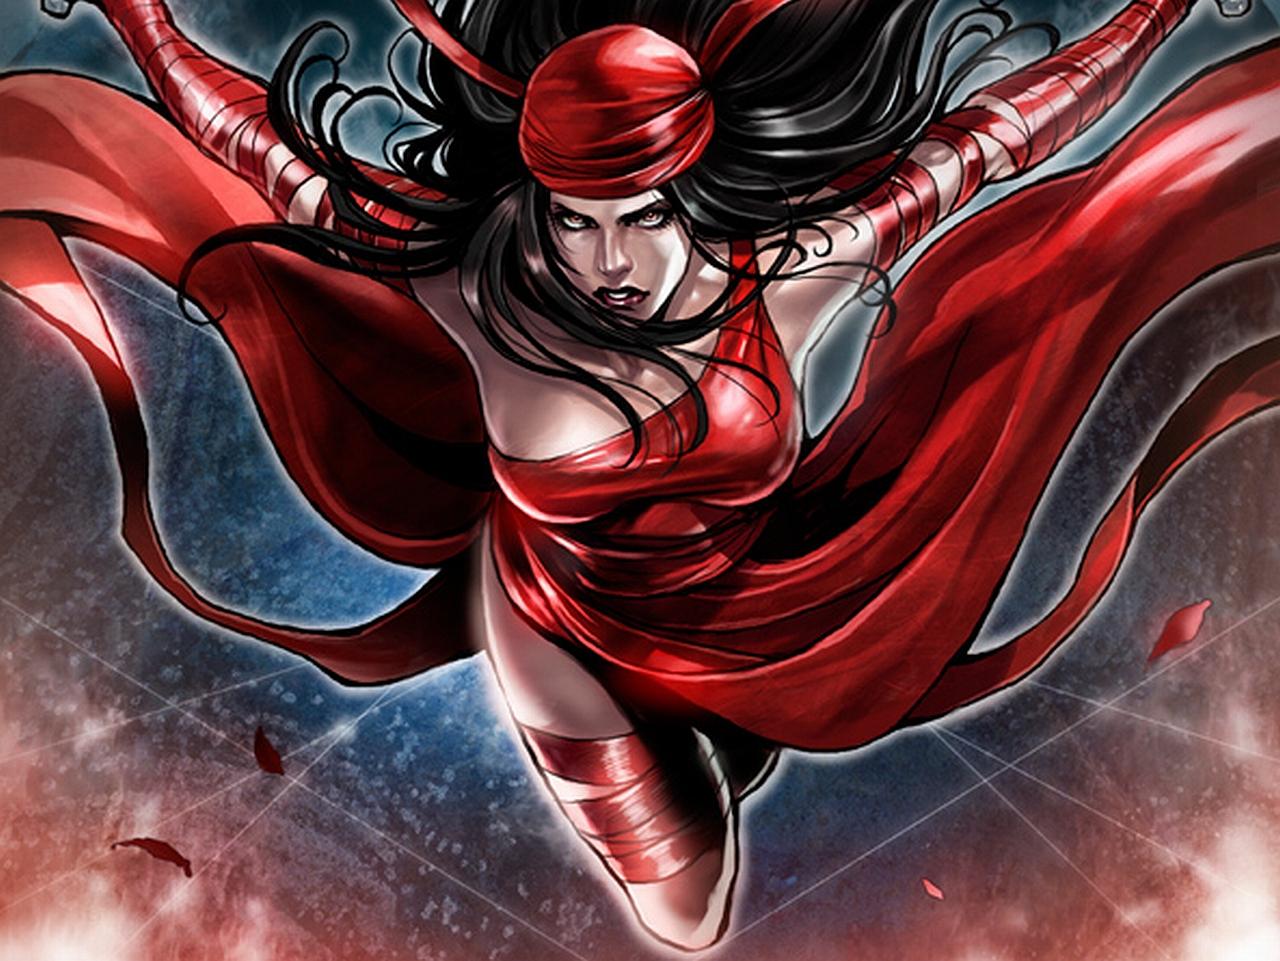 download Comics Elektra Wallpaper [1280x961] for your Desktop 1280x961